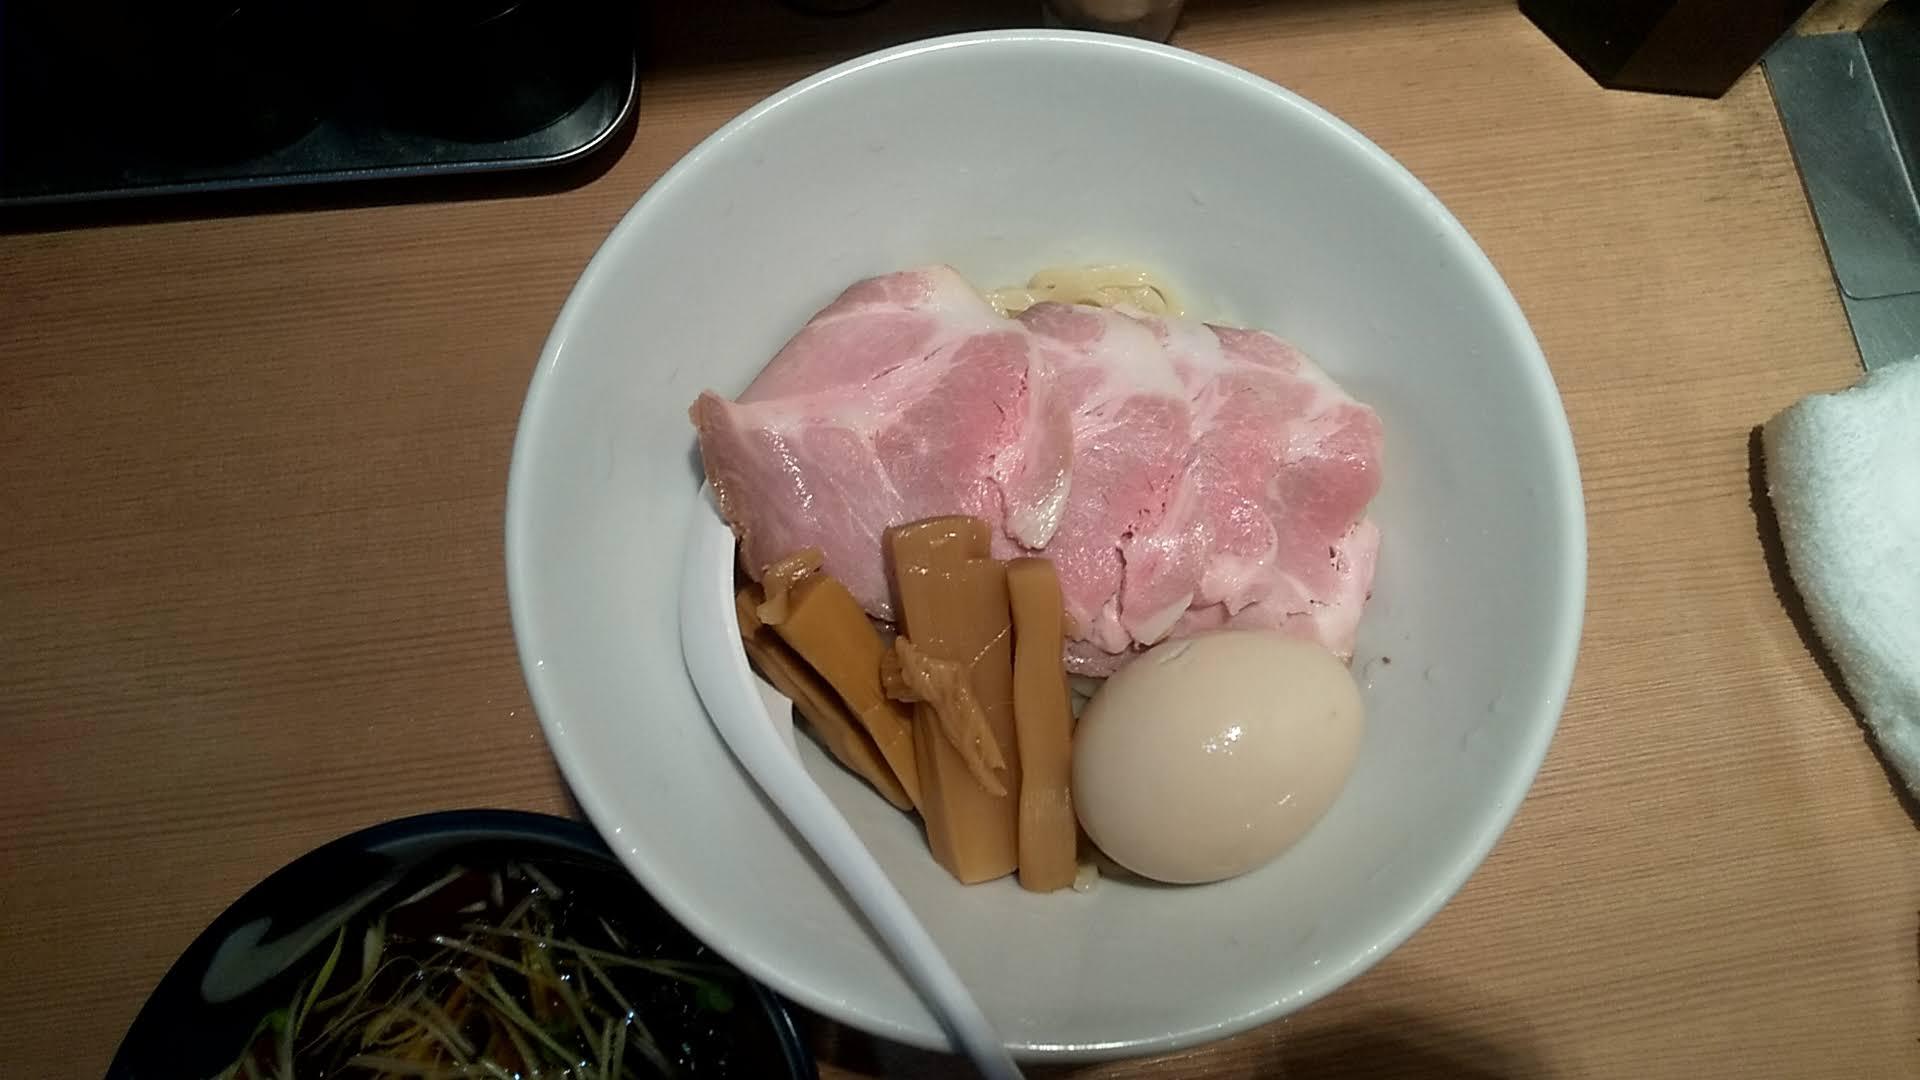 中華そばます田の特製つけ麺の麺皿写真